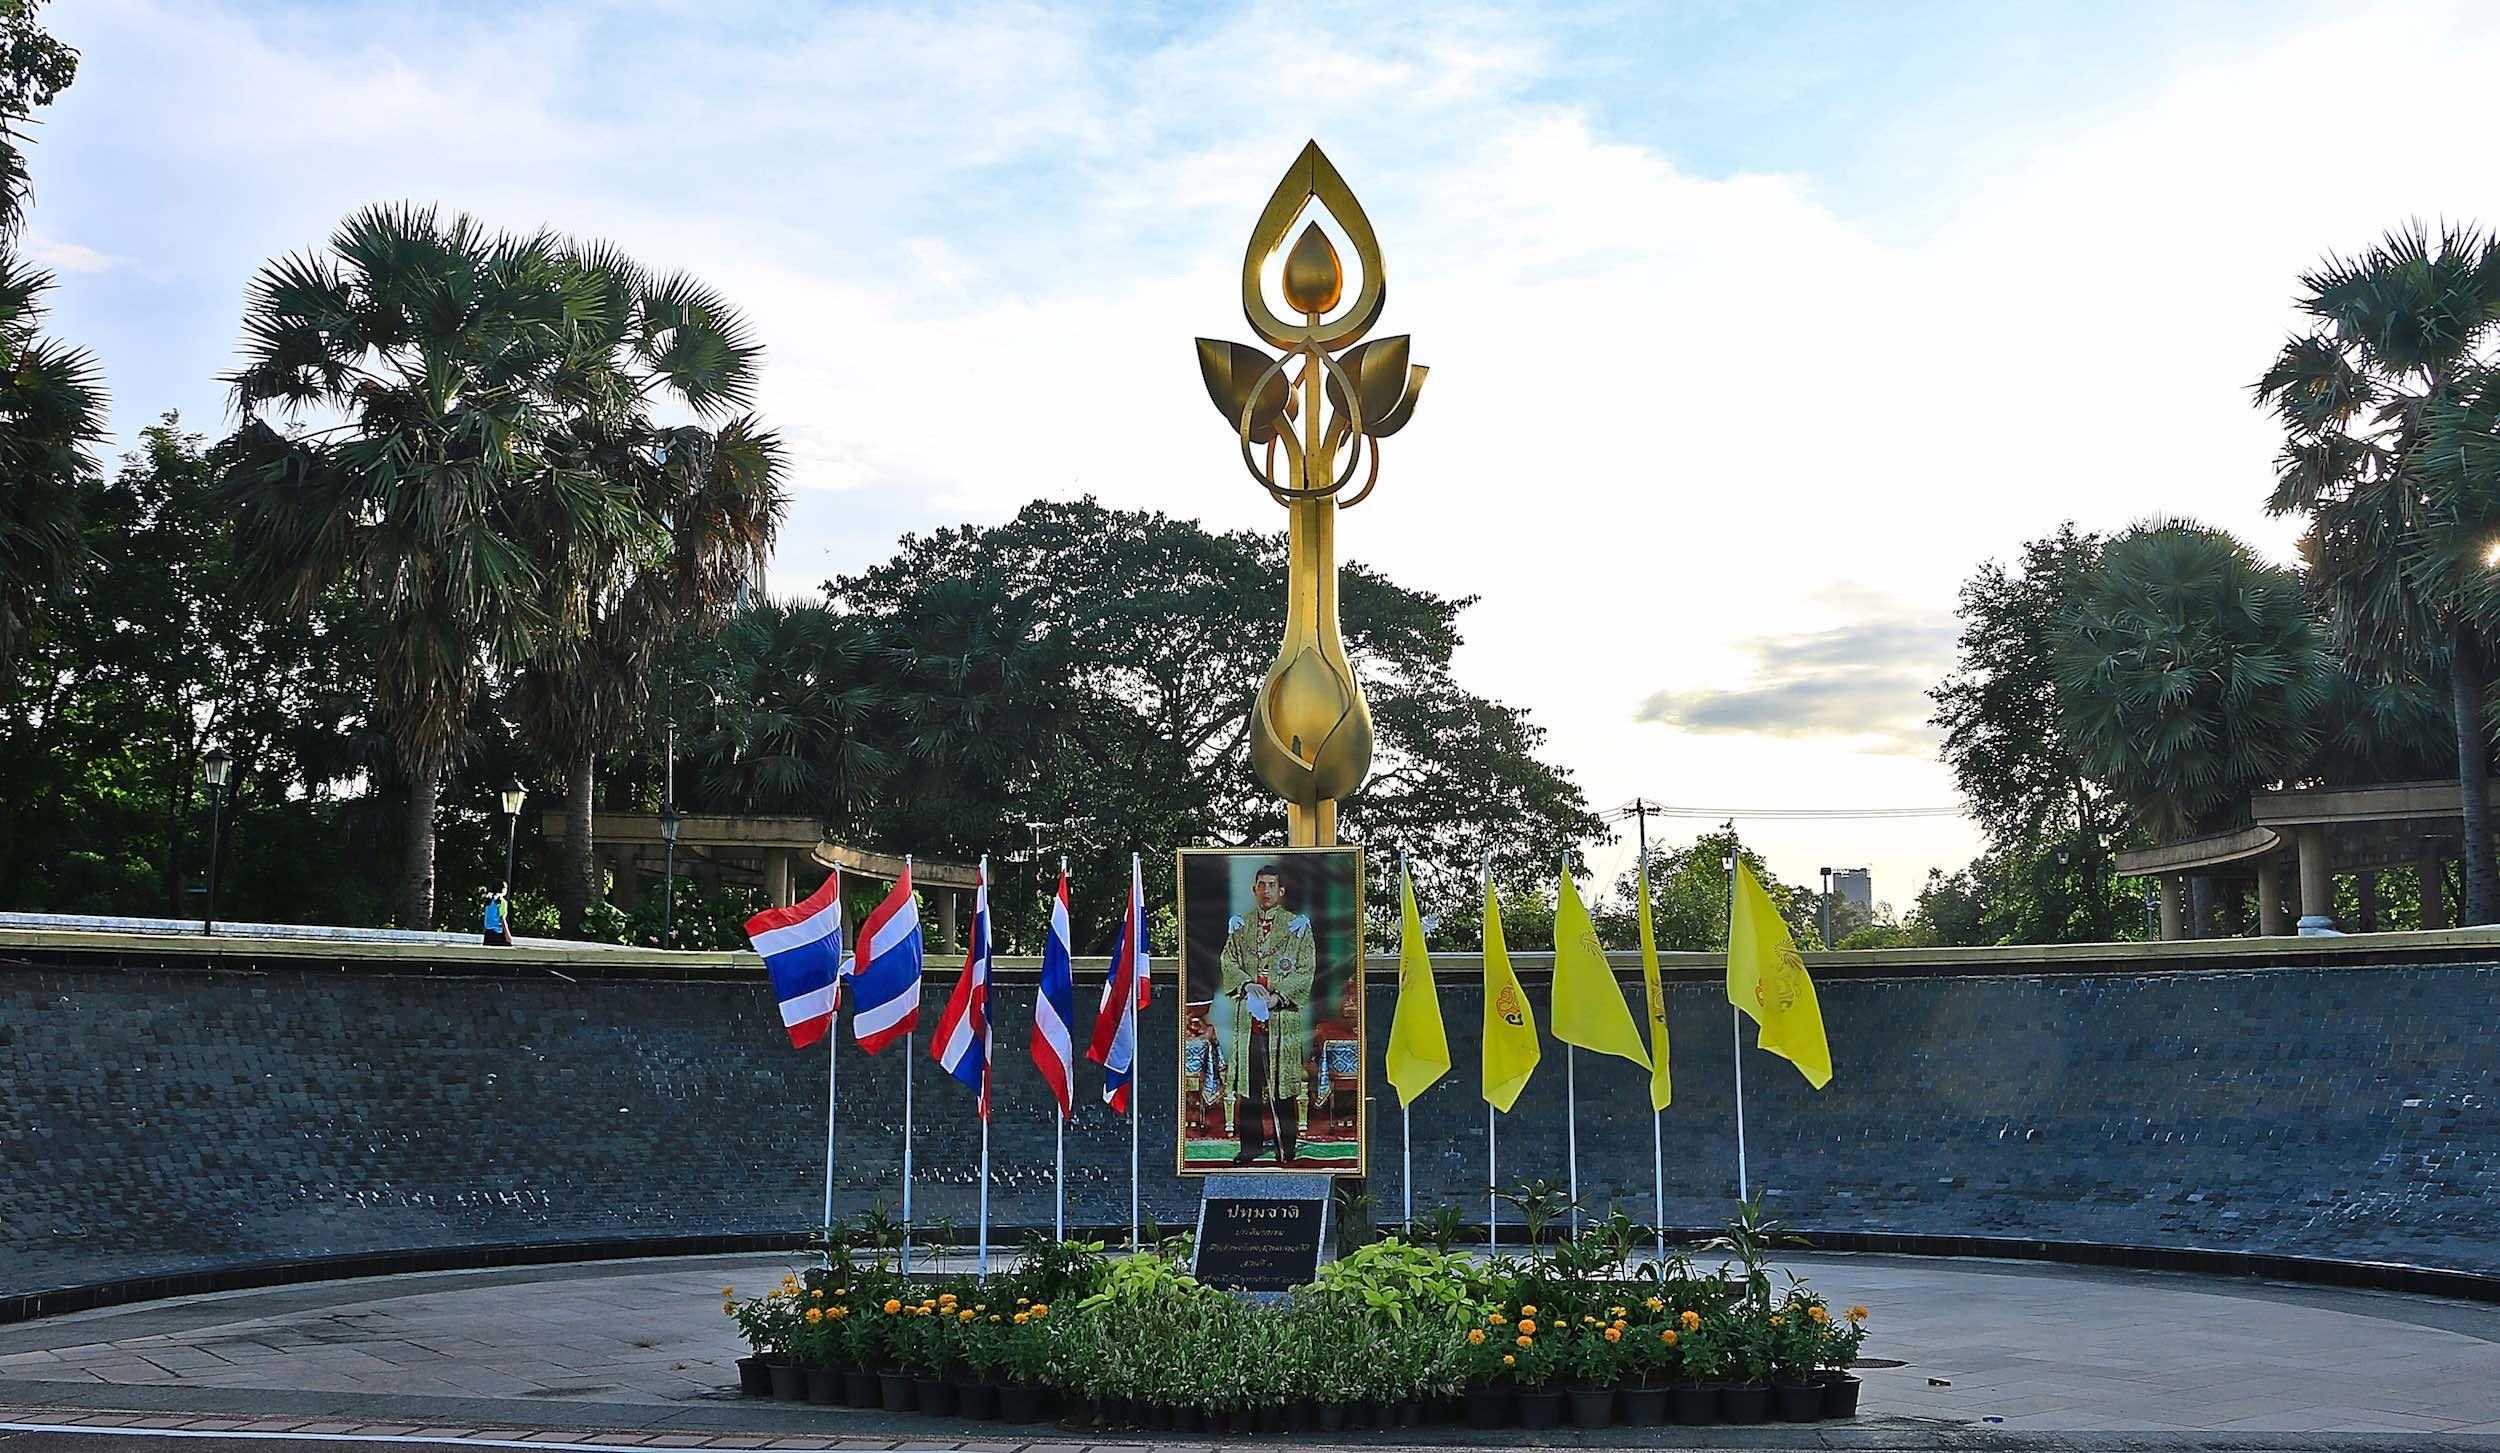 Benjakitti_Park_Bangkok_Fountain_memorial.jpg